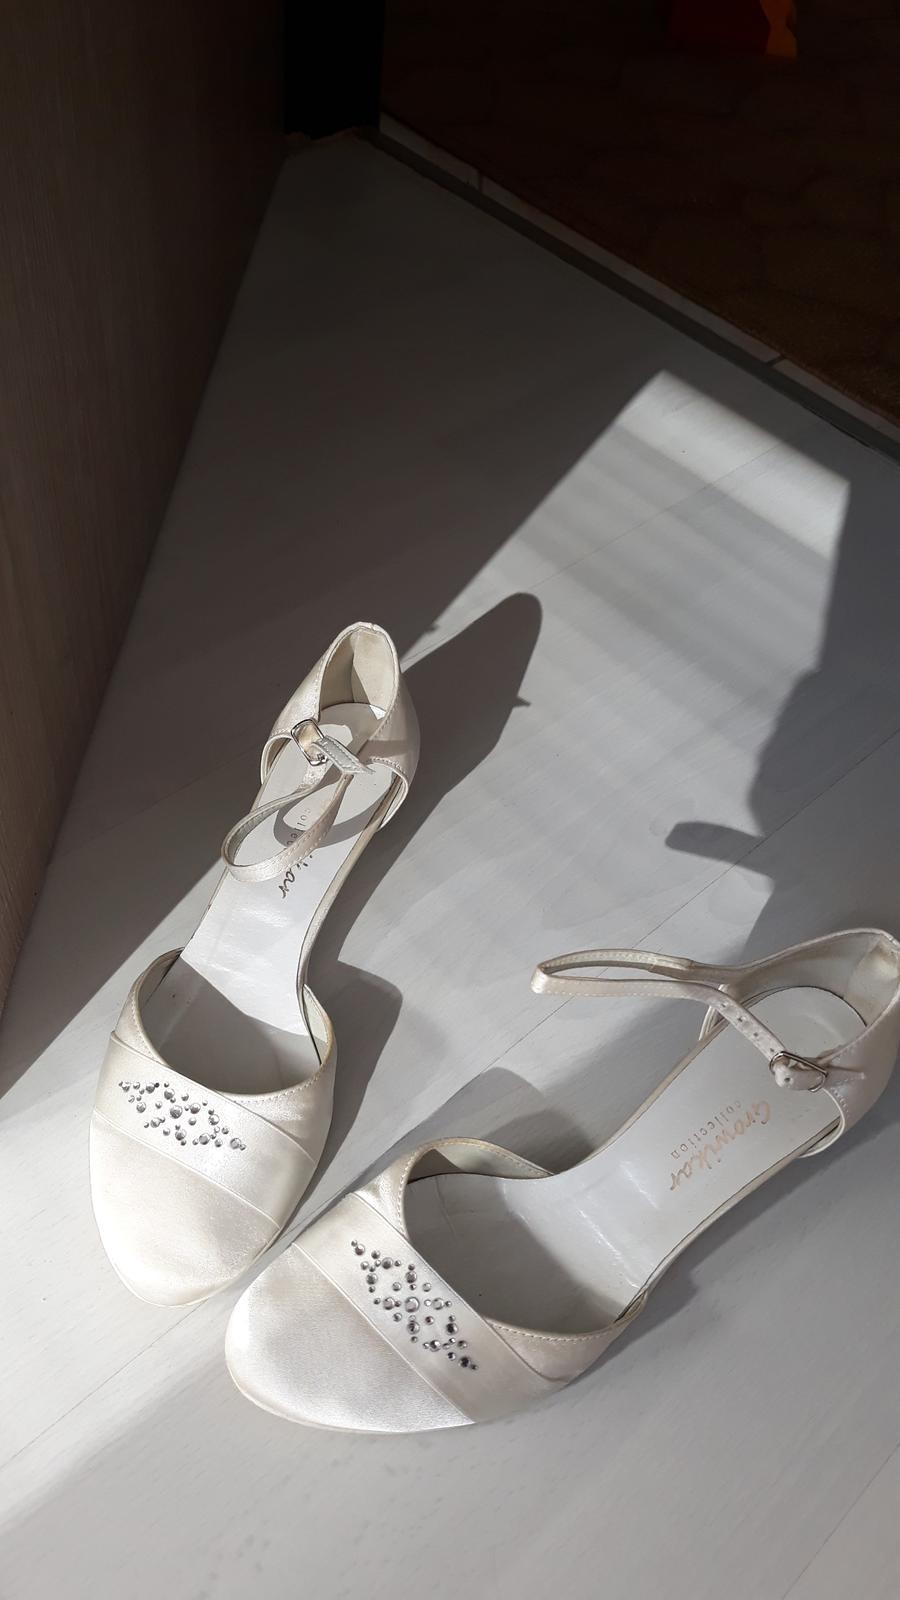 Svadobné topánky growikar - Obrázok č. 1